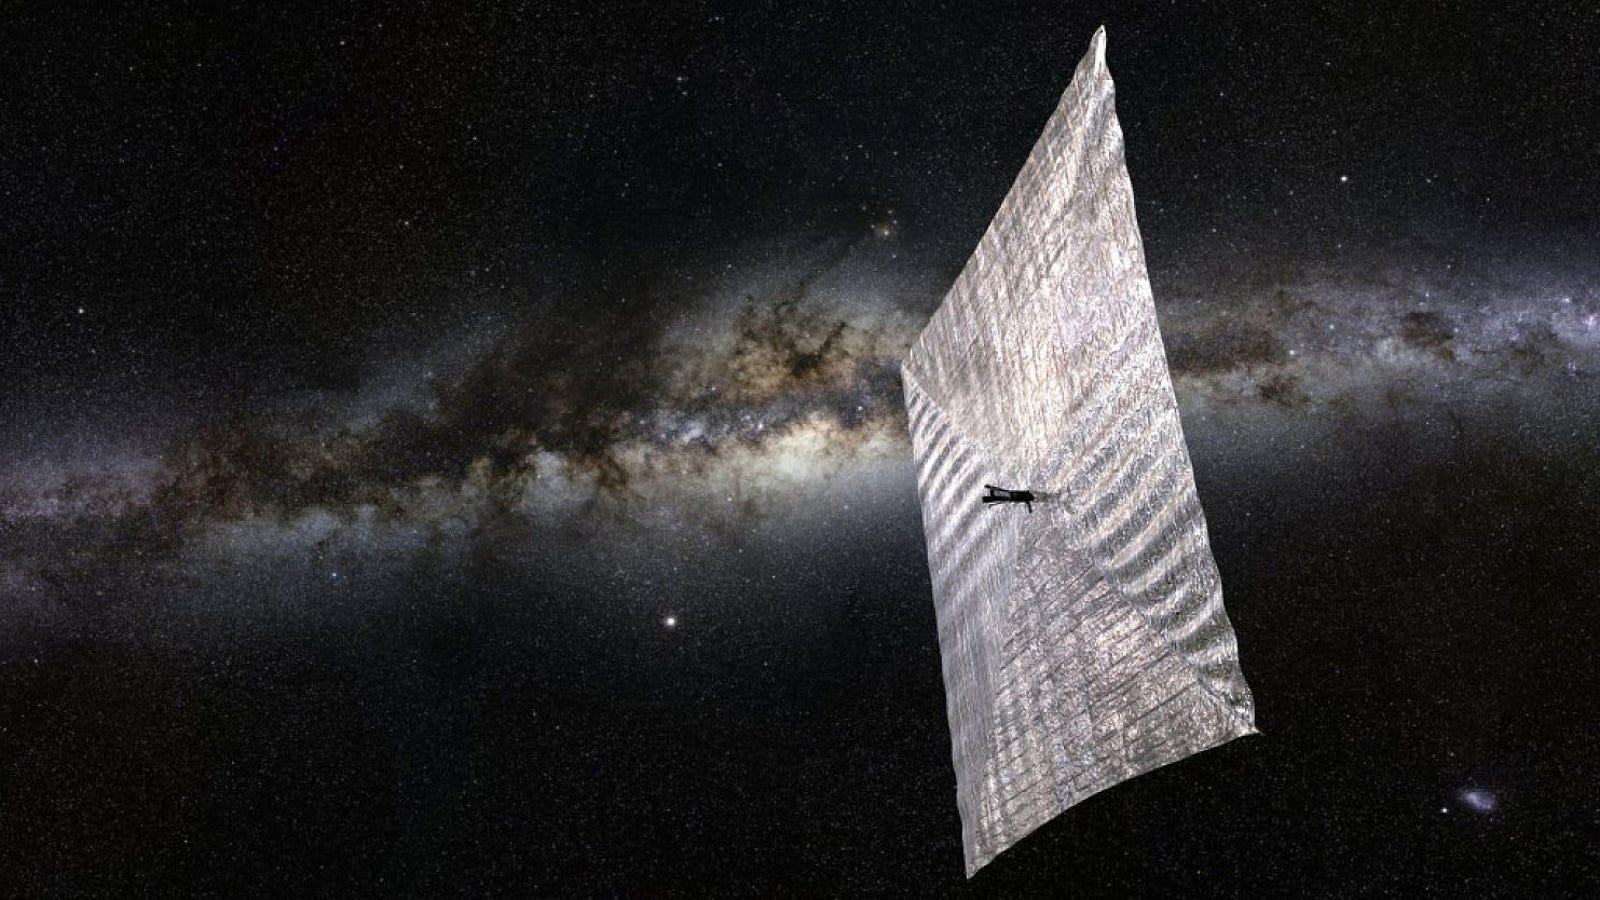 La vela solar ideada por Sagan para propulsar naves llega al espacio